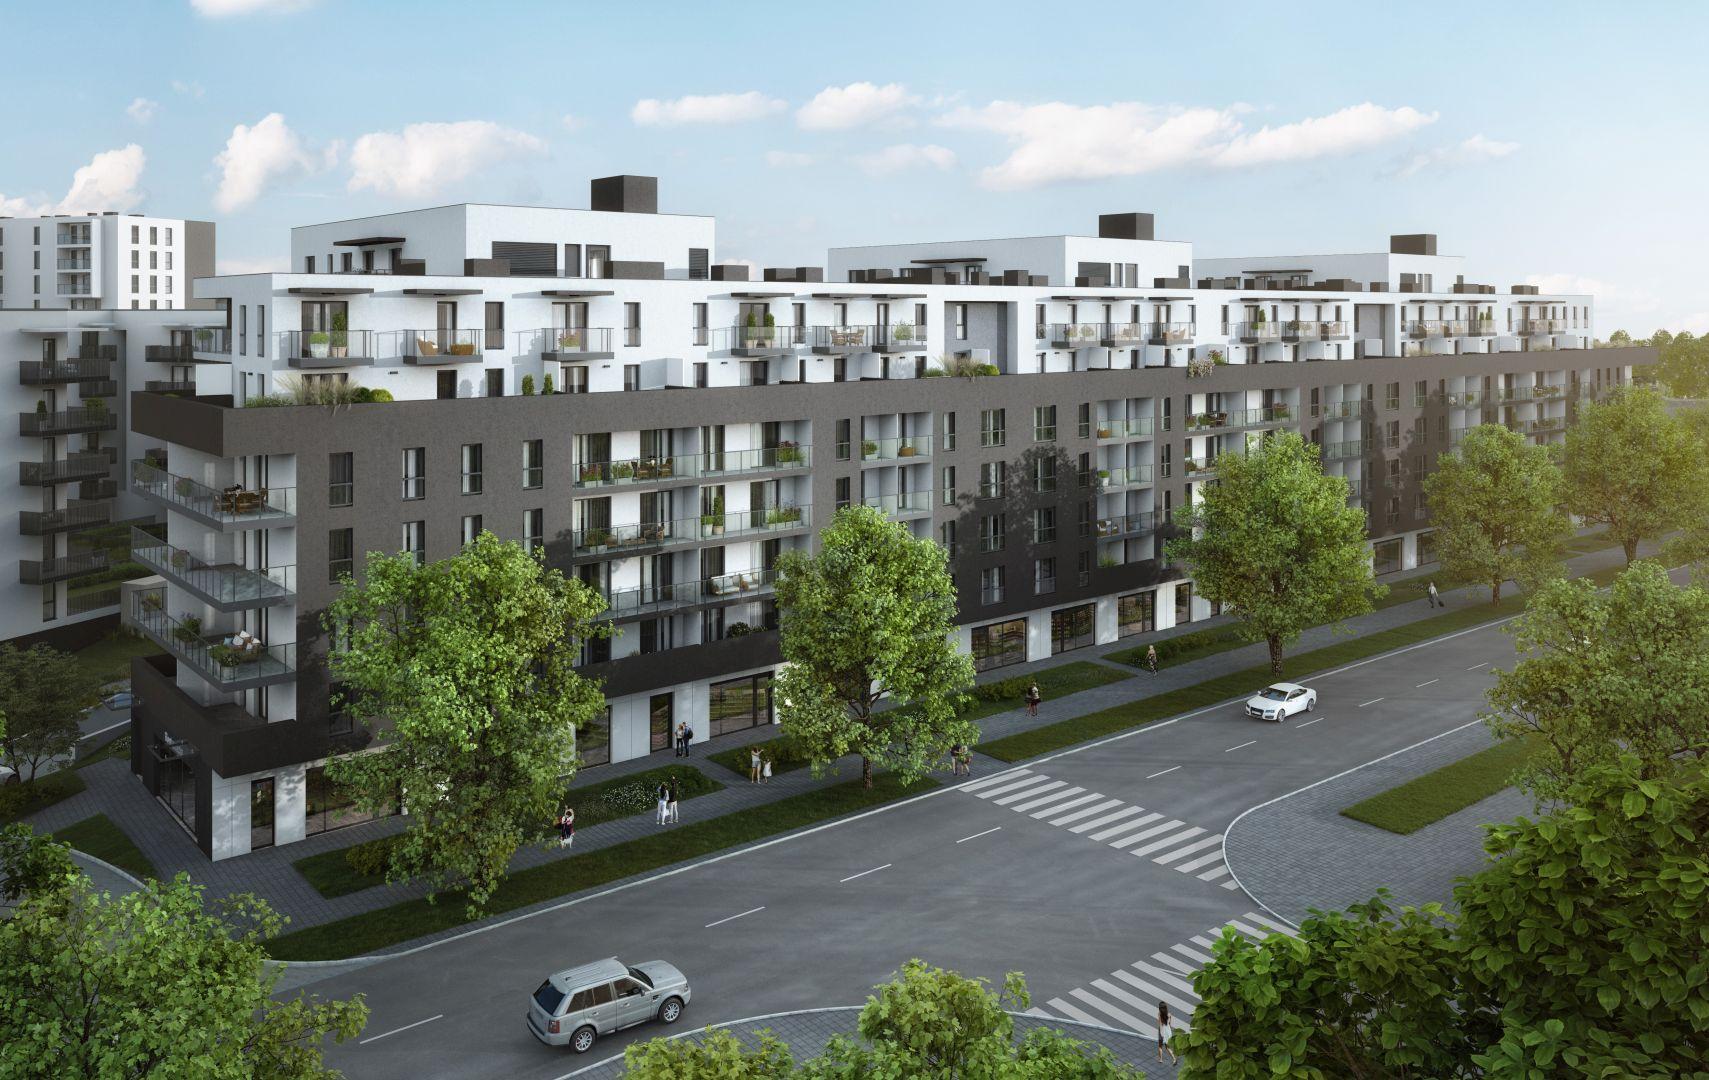 Mieszkanie w inwestycji: Apartamenty Drewnowska 43 IV